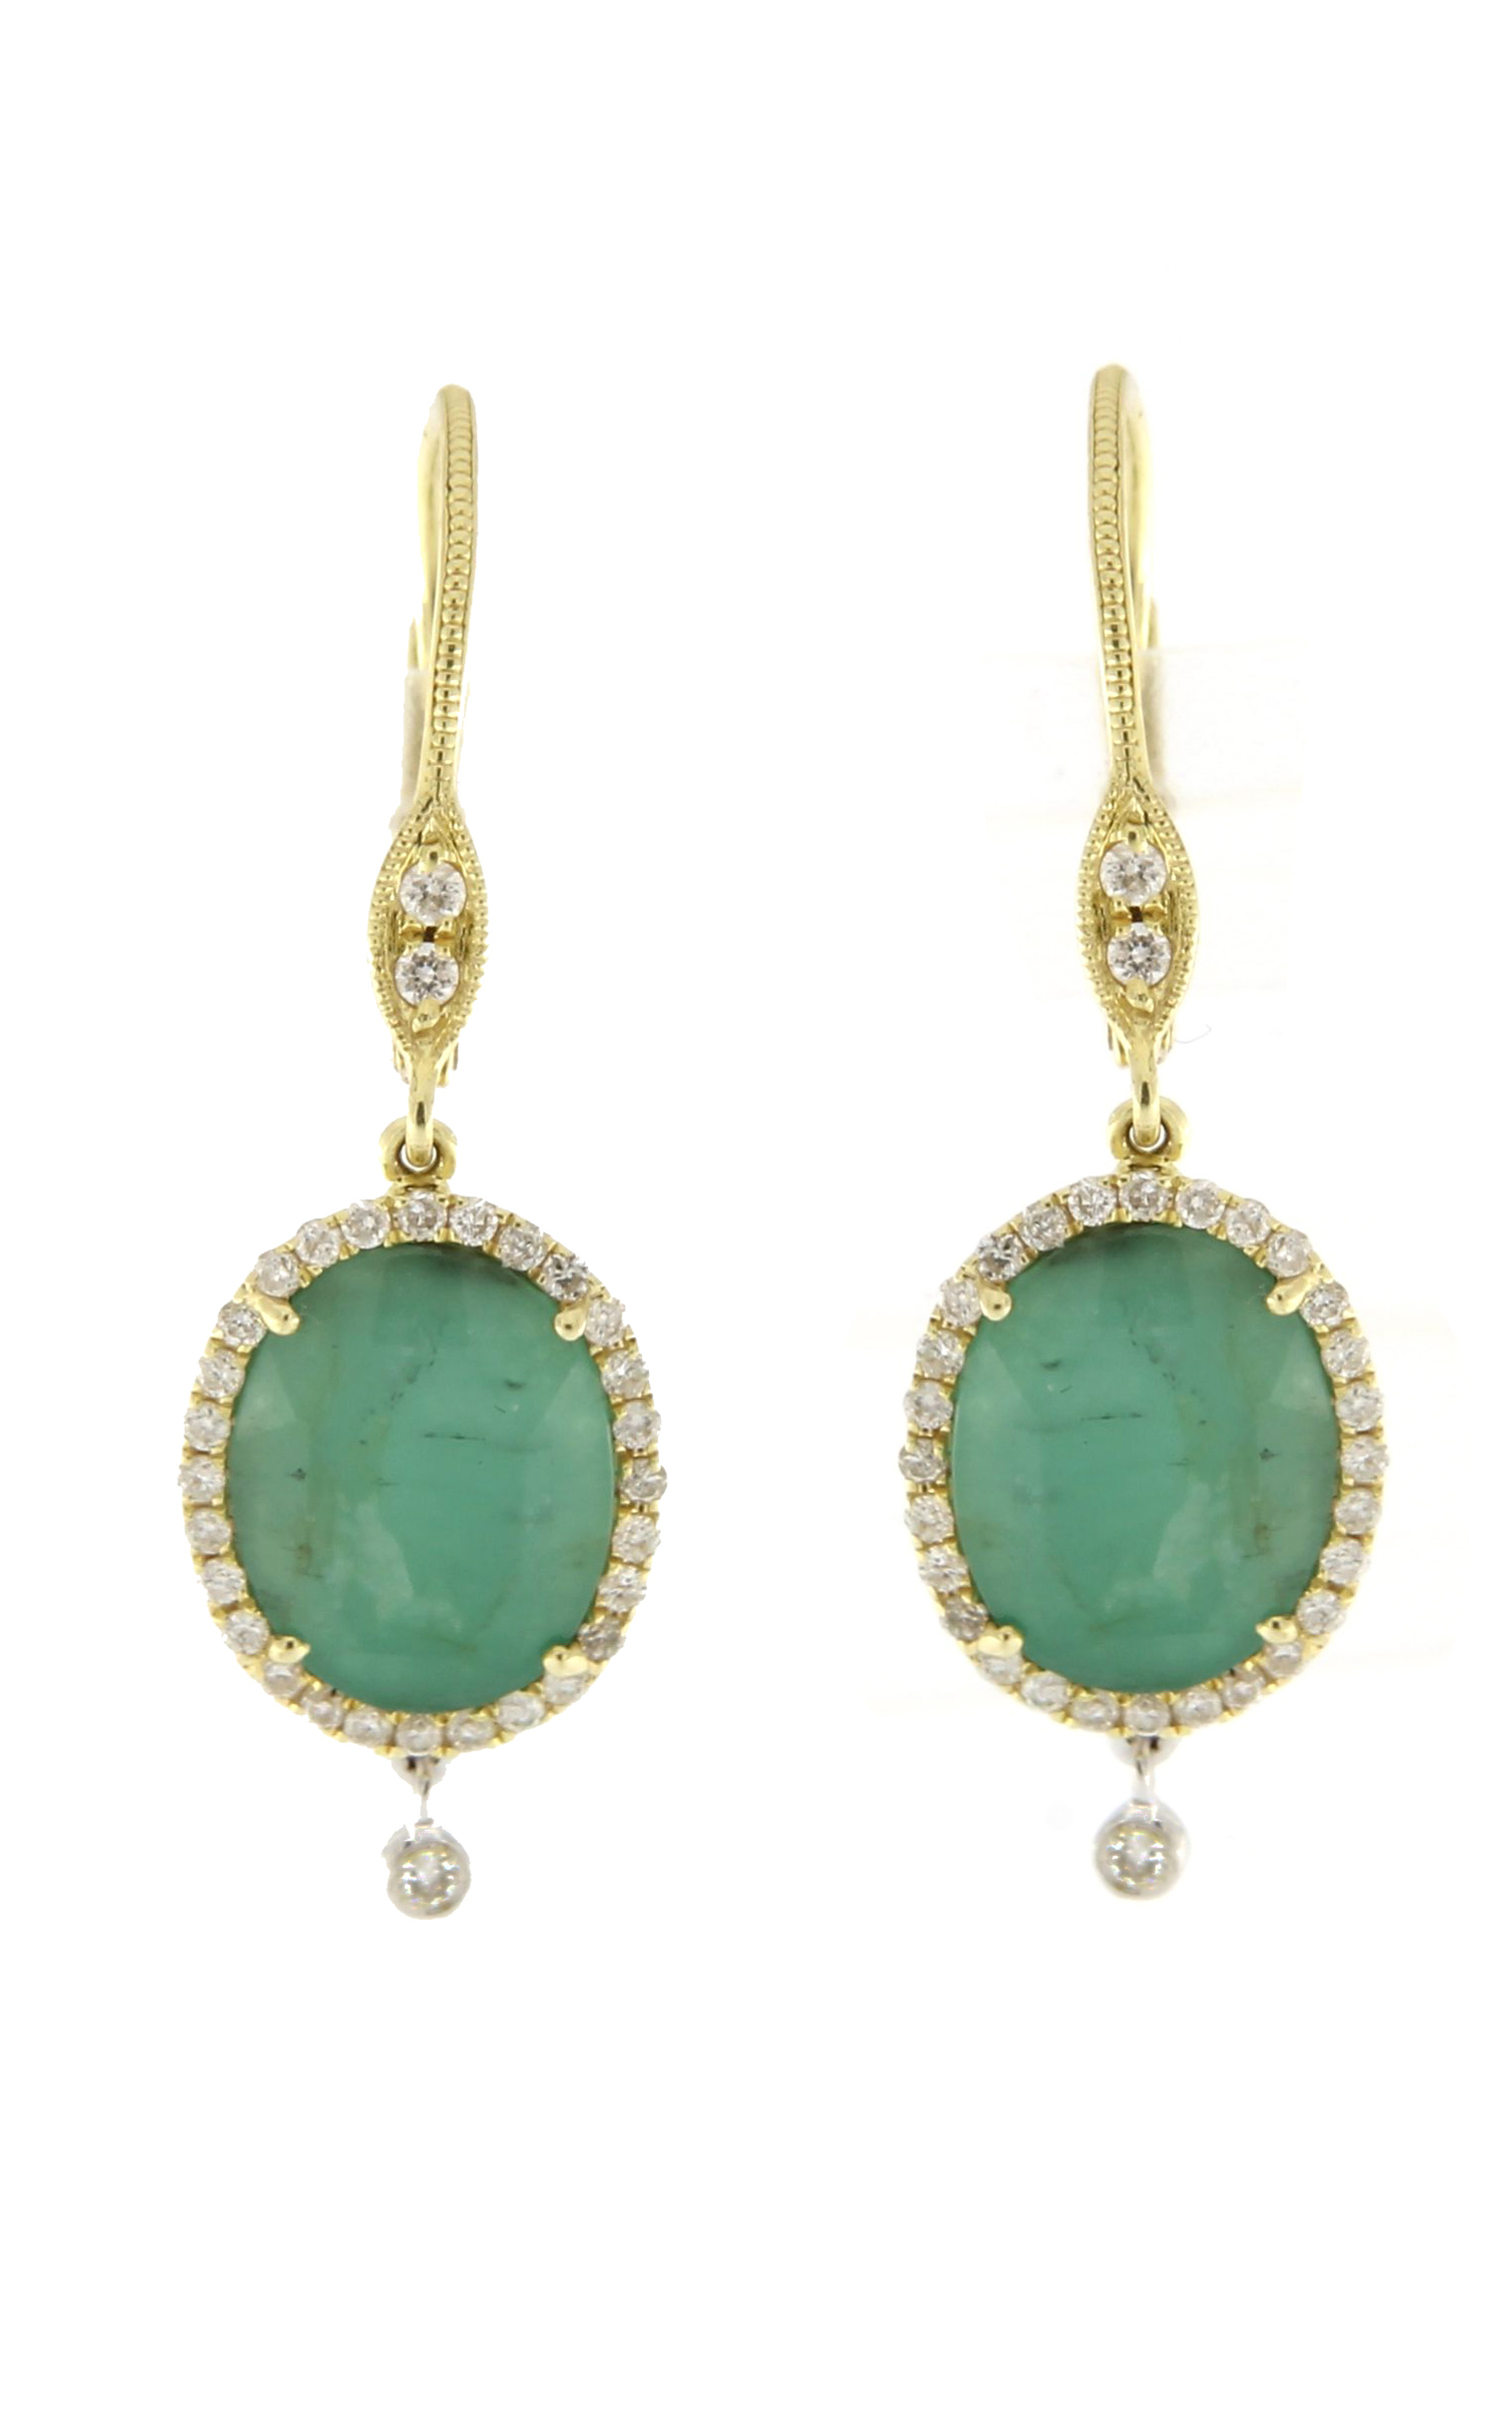 Meira T Earrings 1E7045 product image